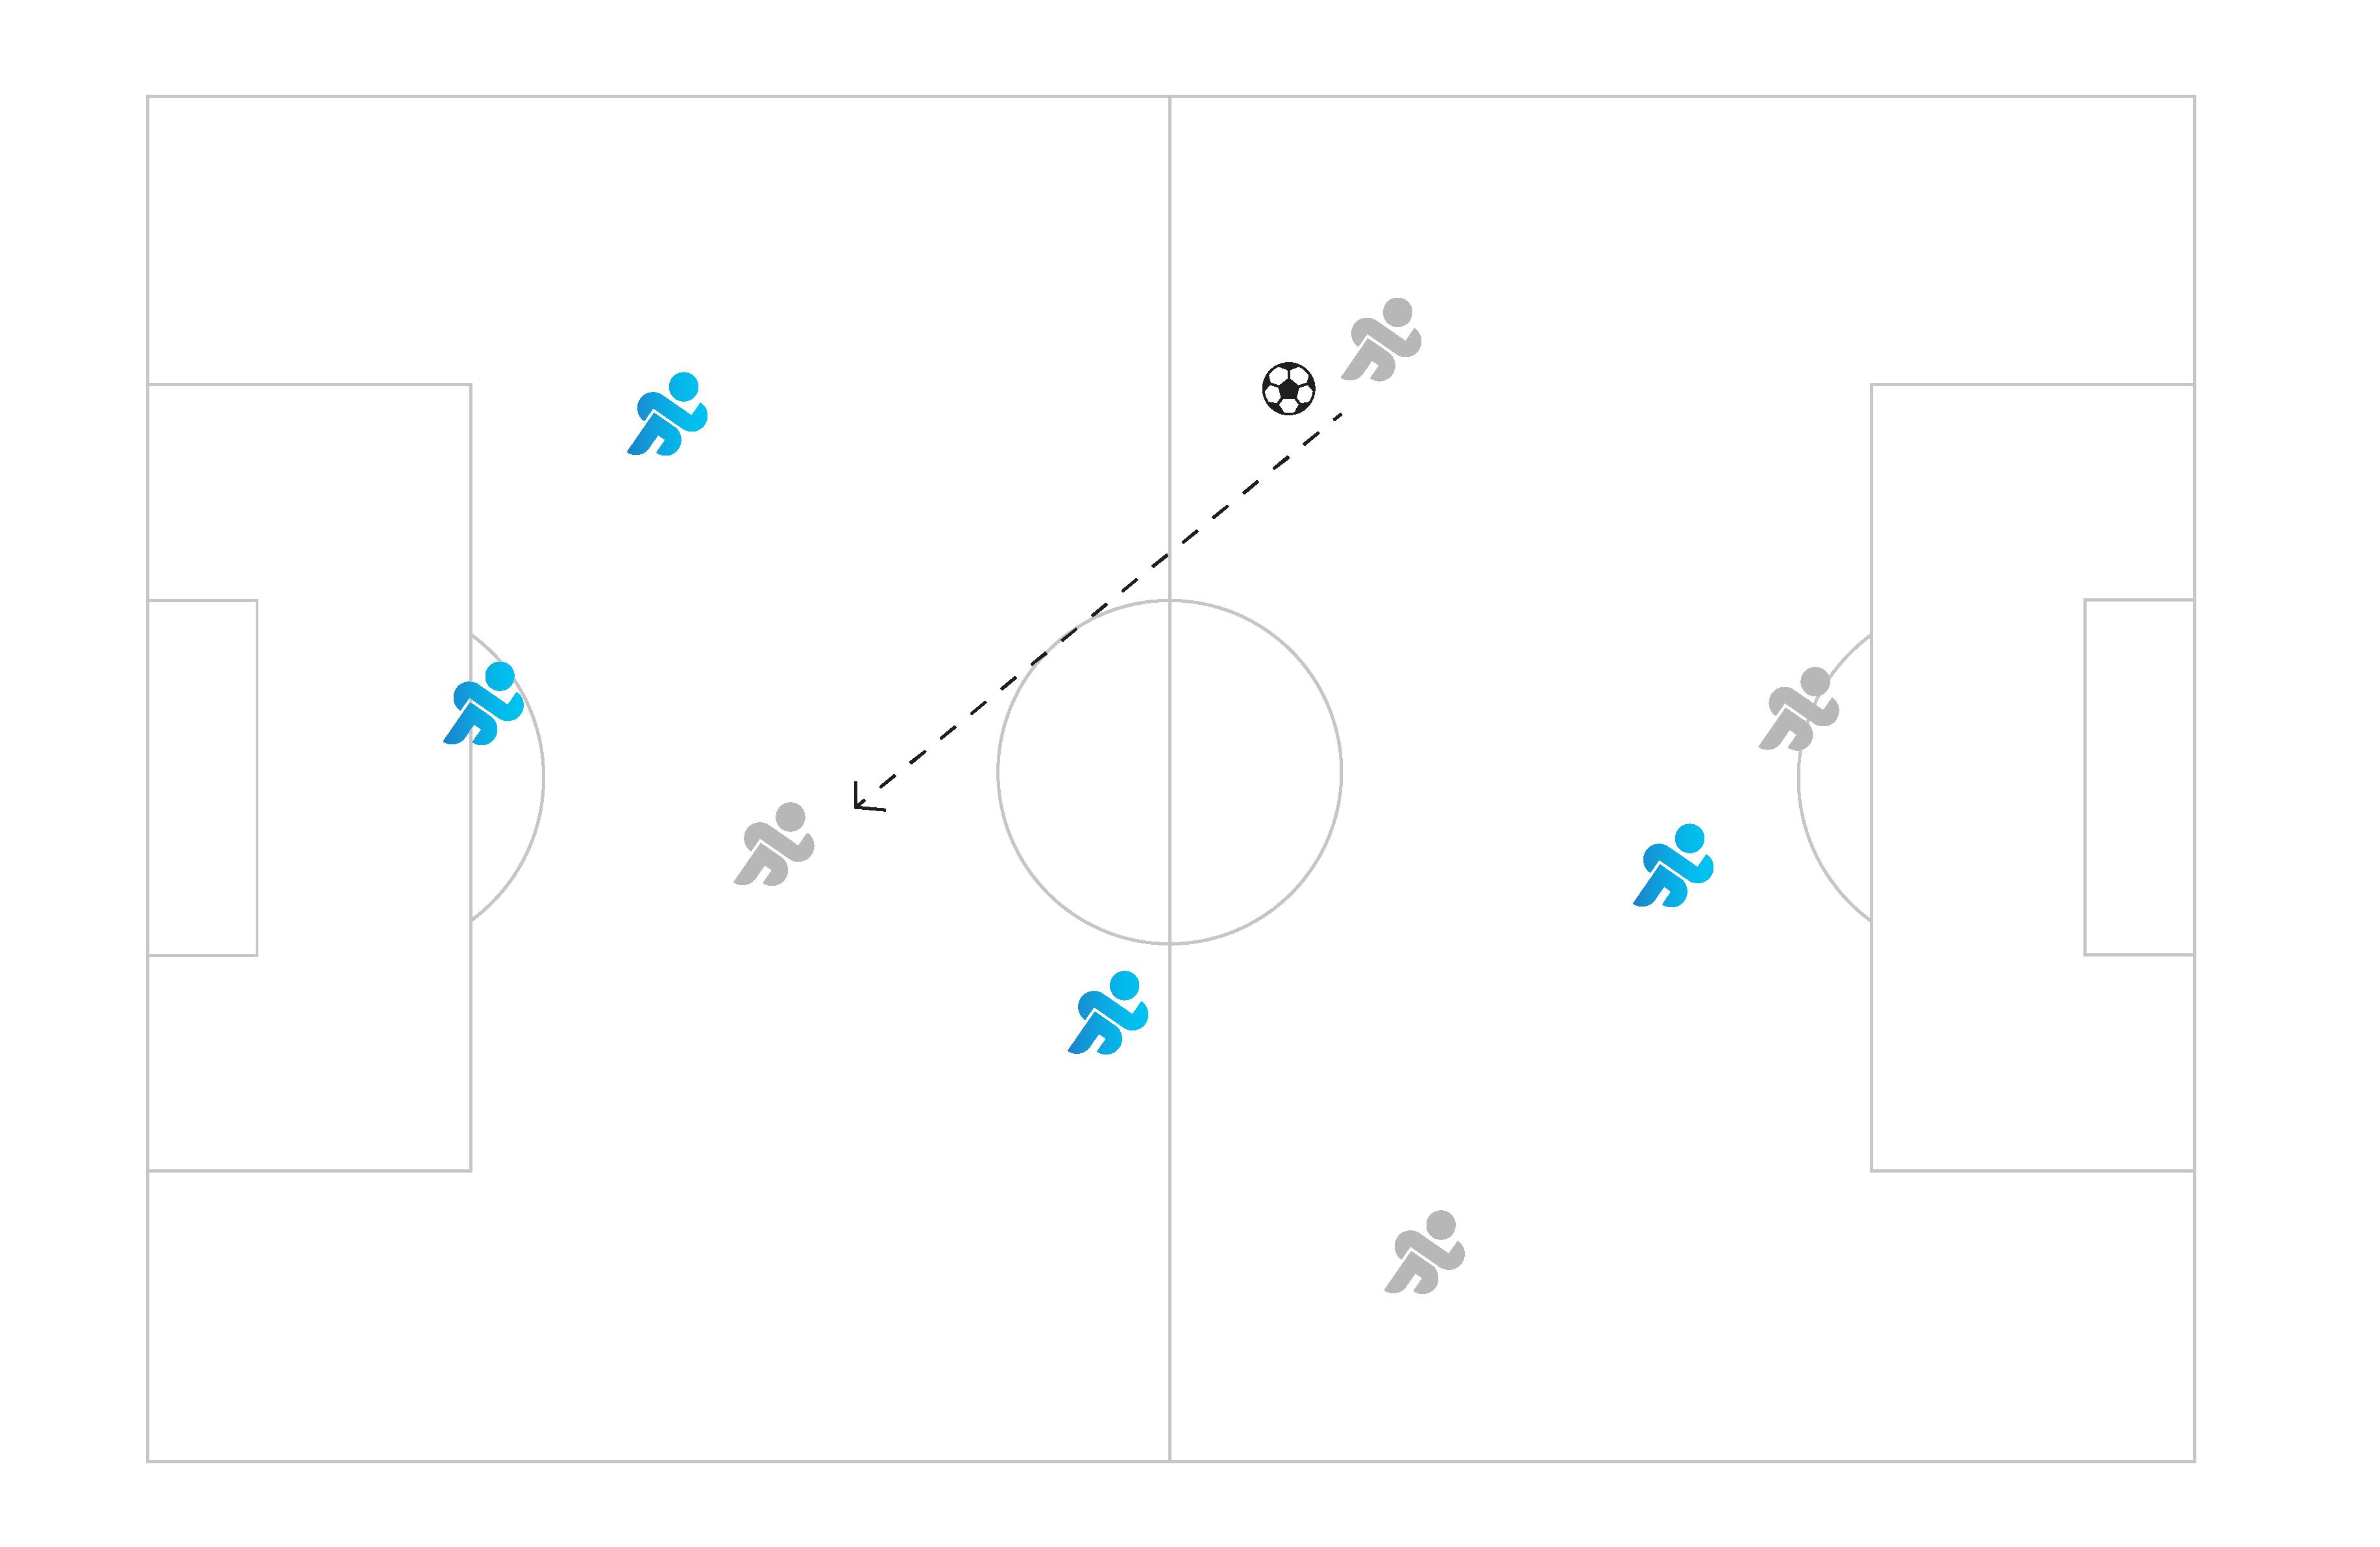 entraînement de soccer 4 contre 4